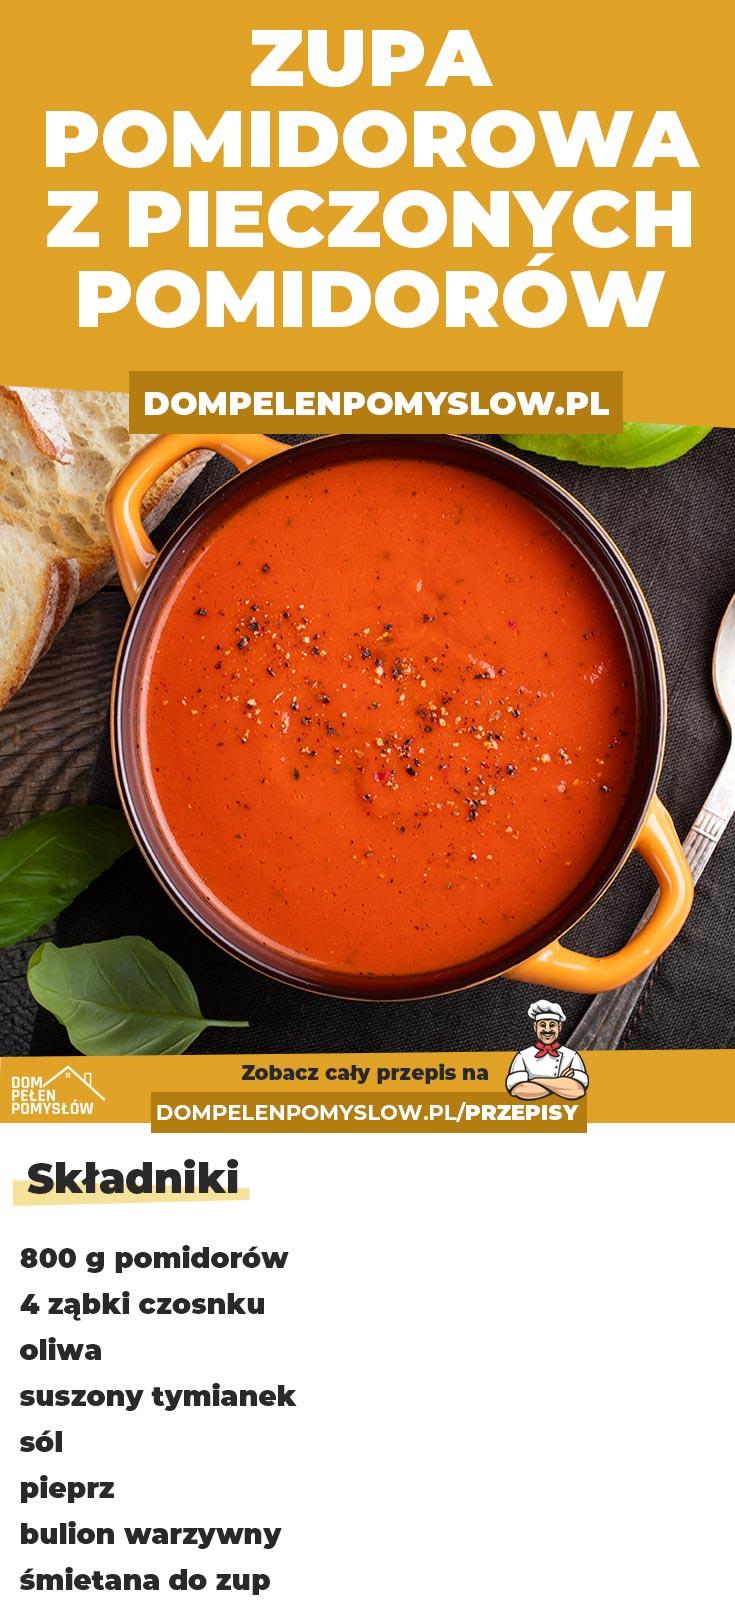 Zupa Pomidorowa Z Pieczonych Pomidorow Cooking Food Food And Drink